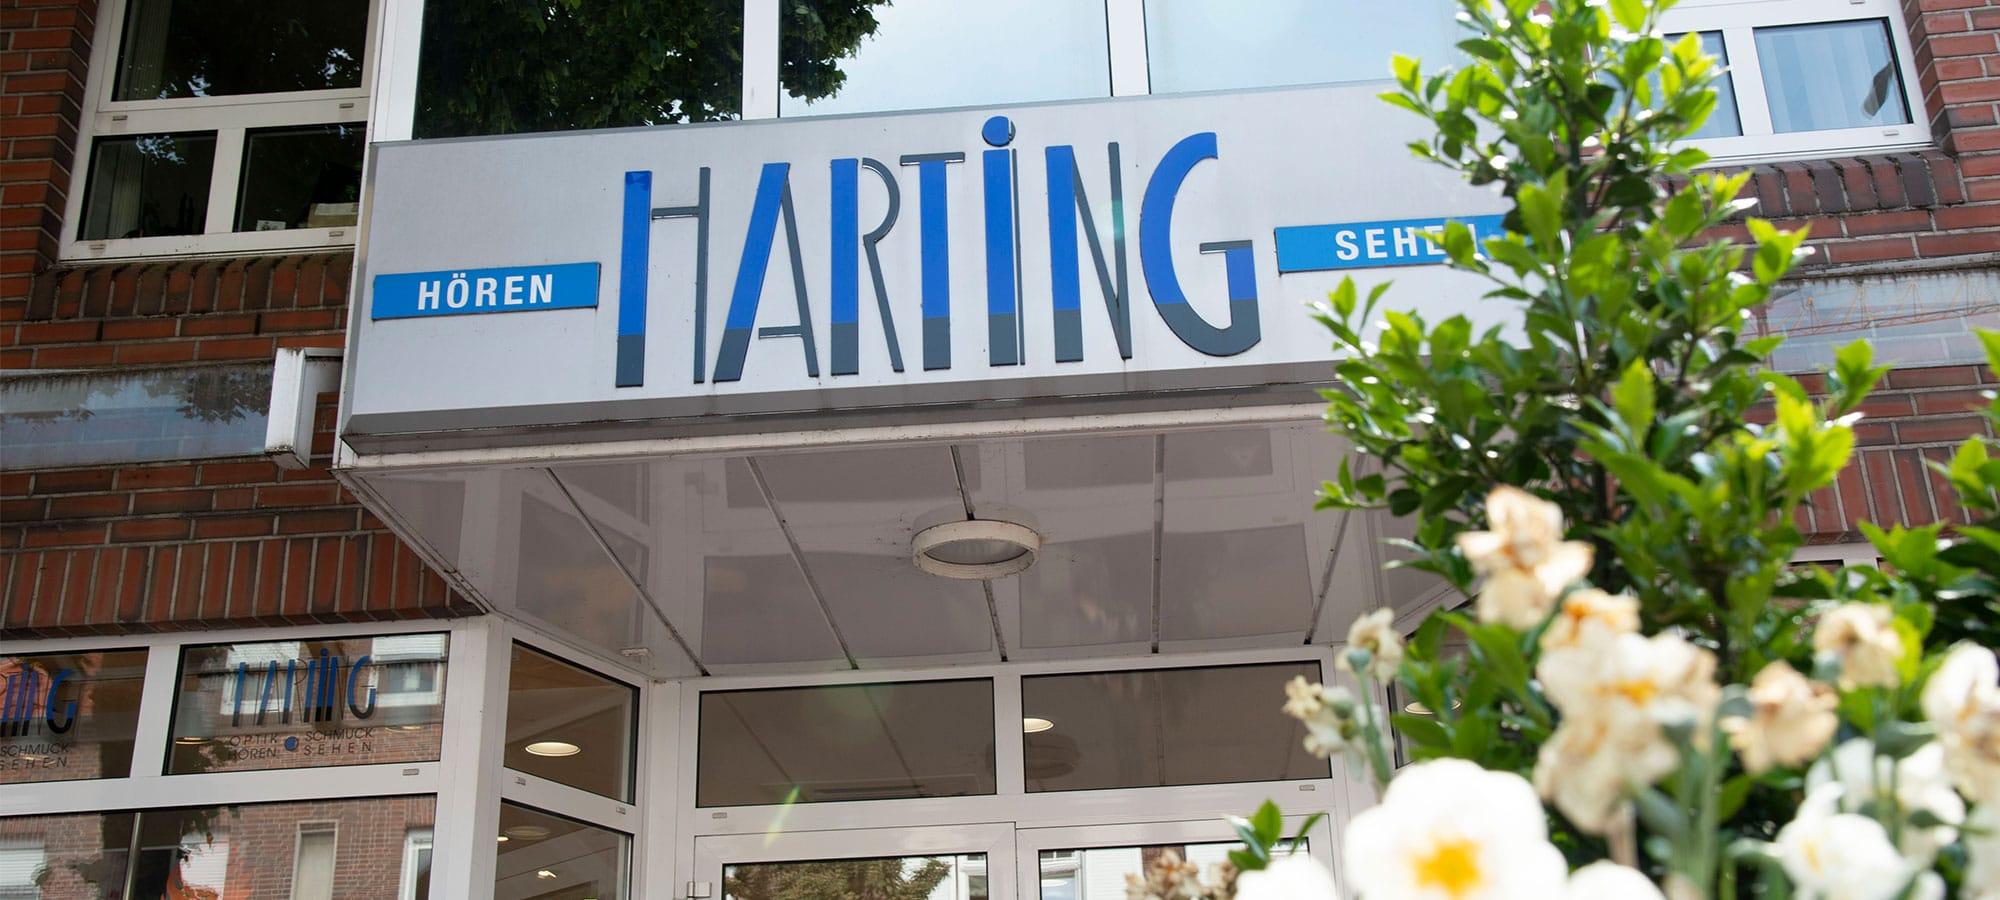 Gebäude von Harting – Außenansicht. Blick nach Oben gerichtet und zeigt den Überstand, wo das Harting Logo angebracht ist.